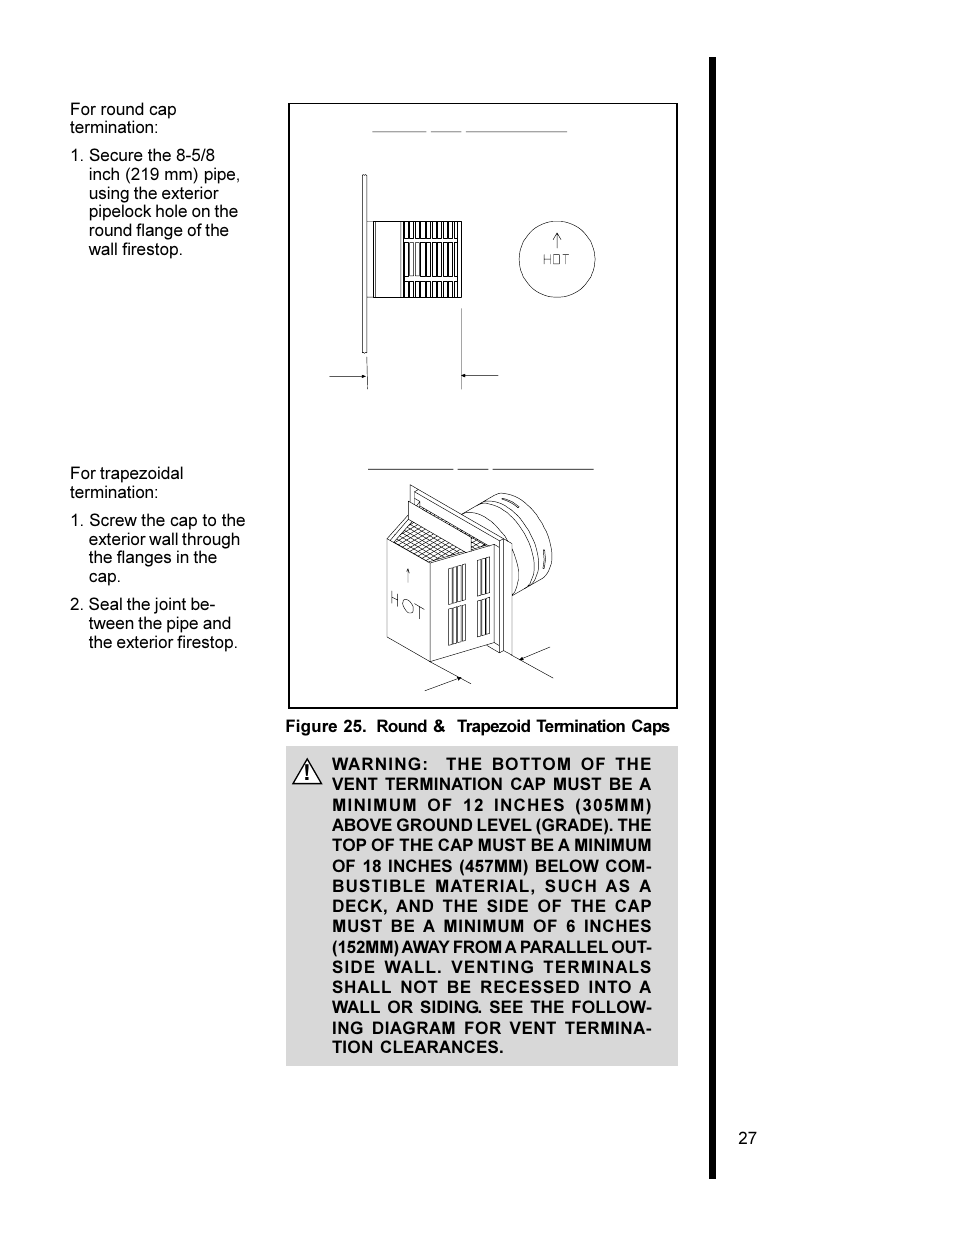 Heat Glo Fireplace Heat N Glo 6000xlt Cdn User Manual Page 27